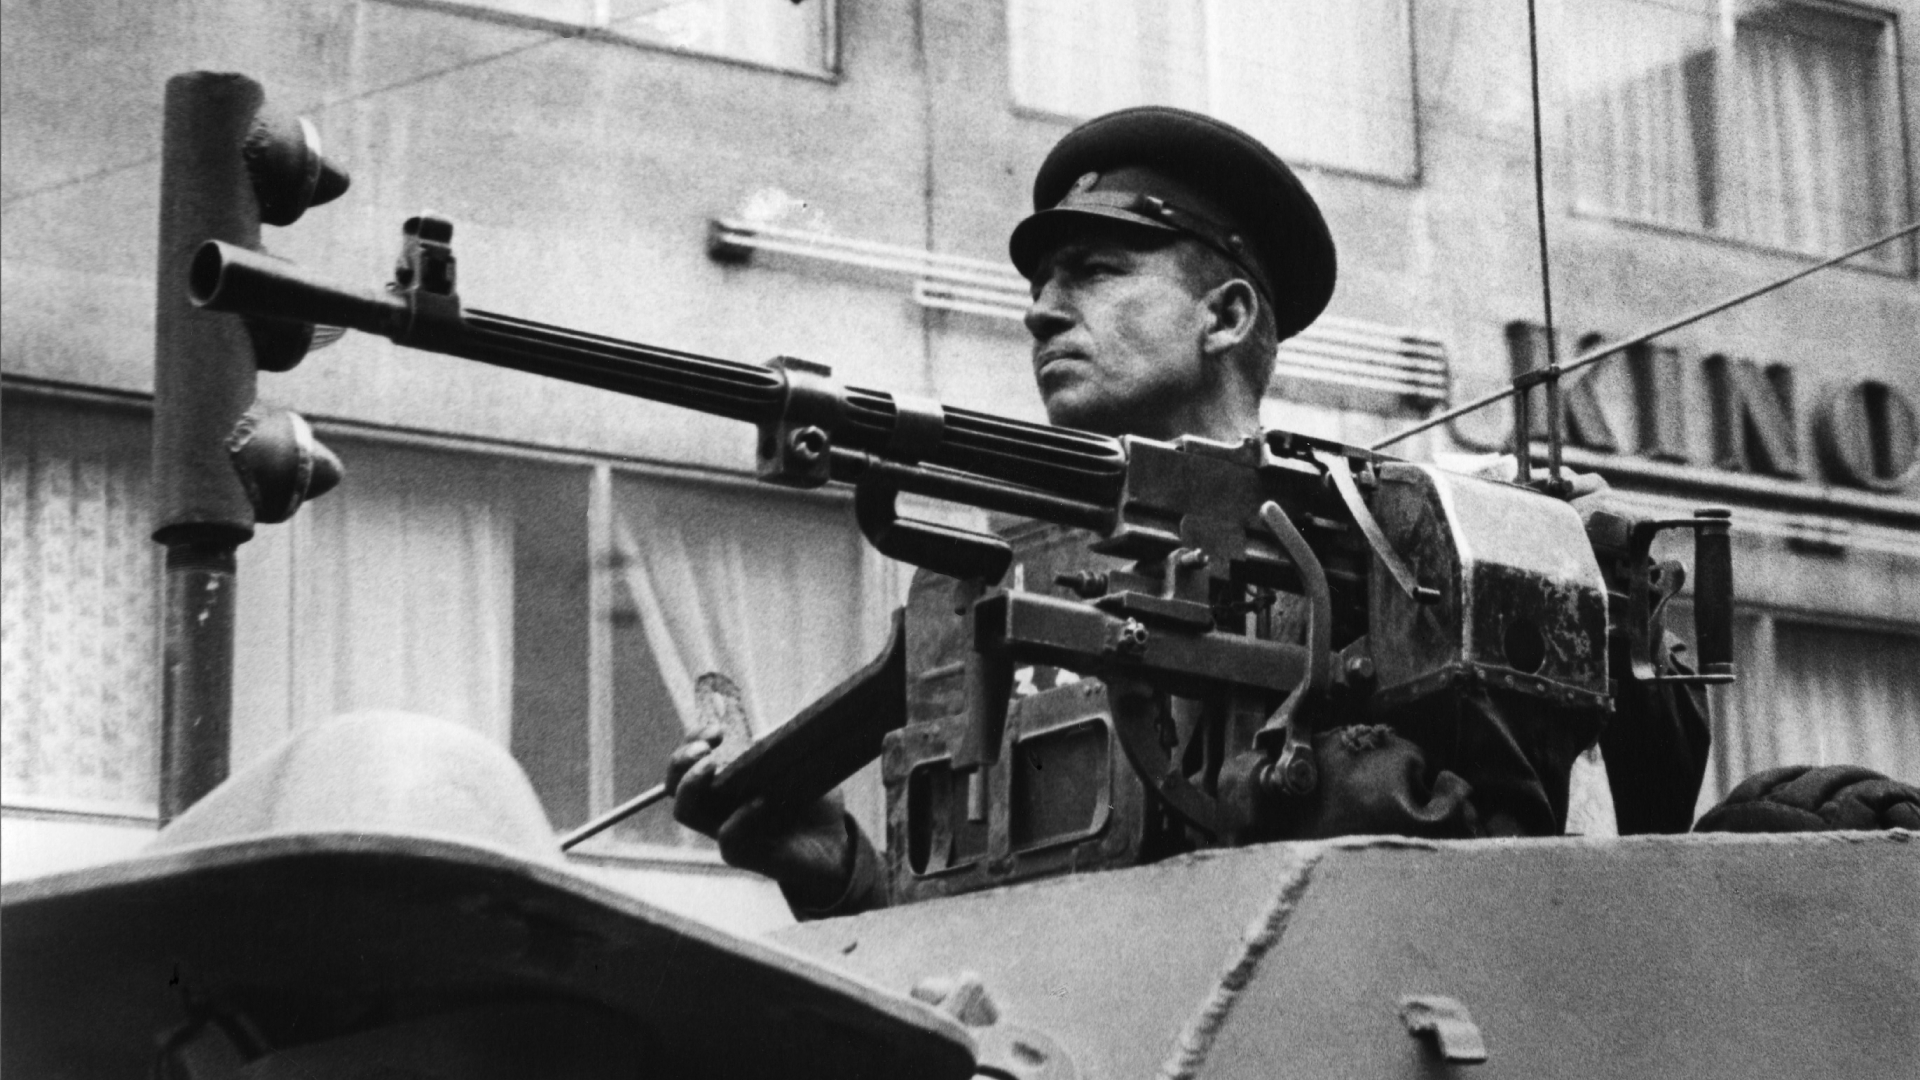 Velitel sovětského obrněného transportéru BRDM-1 projíždějícího Prahou v prvních dnech okupace (na lafetě je vidět kulomet SGMB)